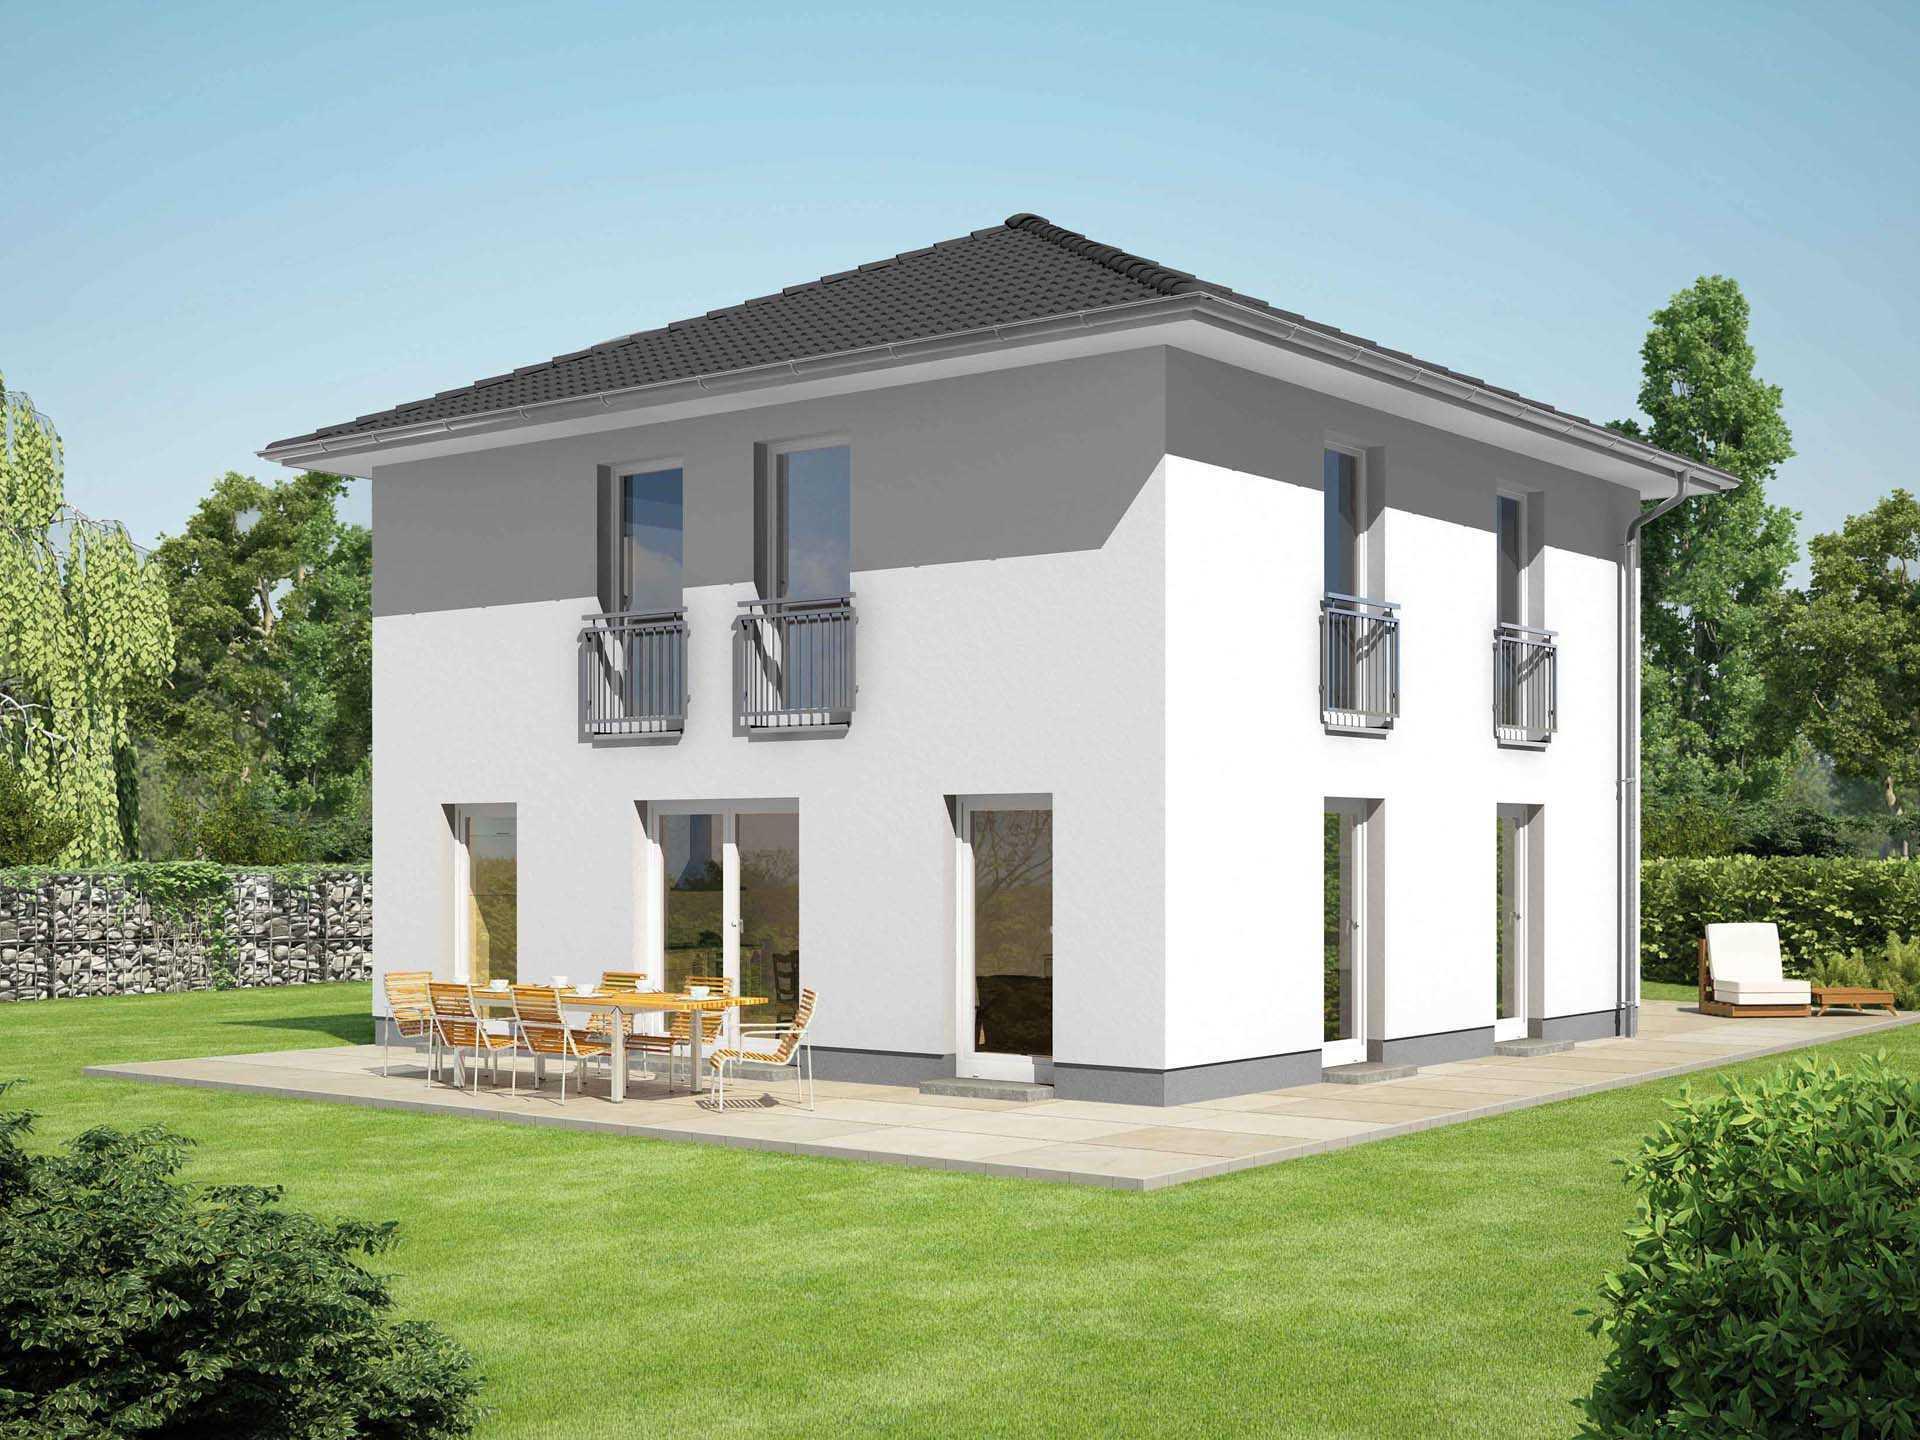 Moderne häuser zeltdach  Zeltdach-Haus: Informationen und Tipps | Musterhaus.net